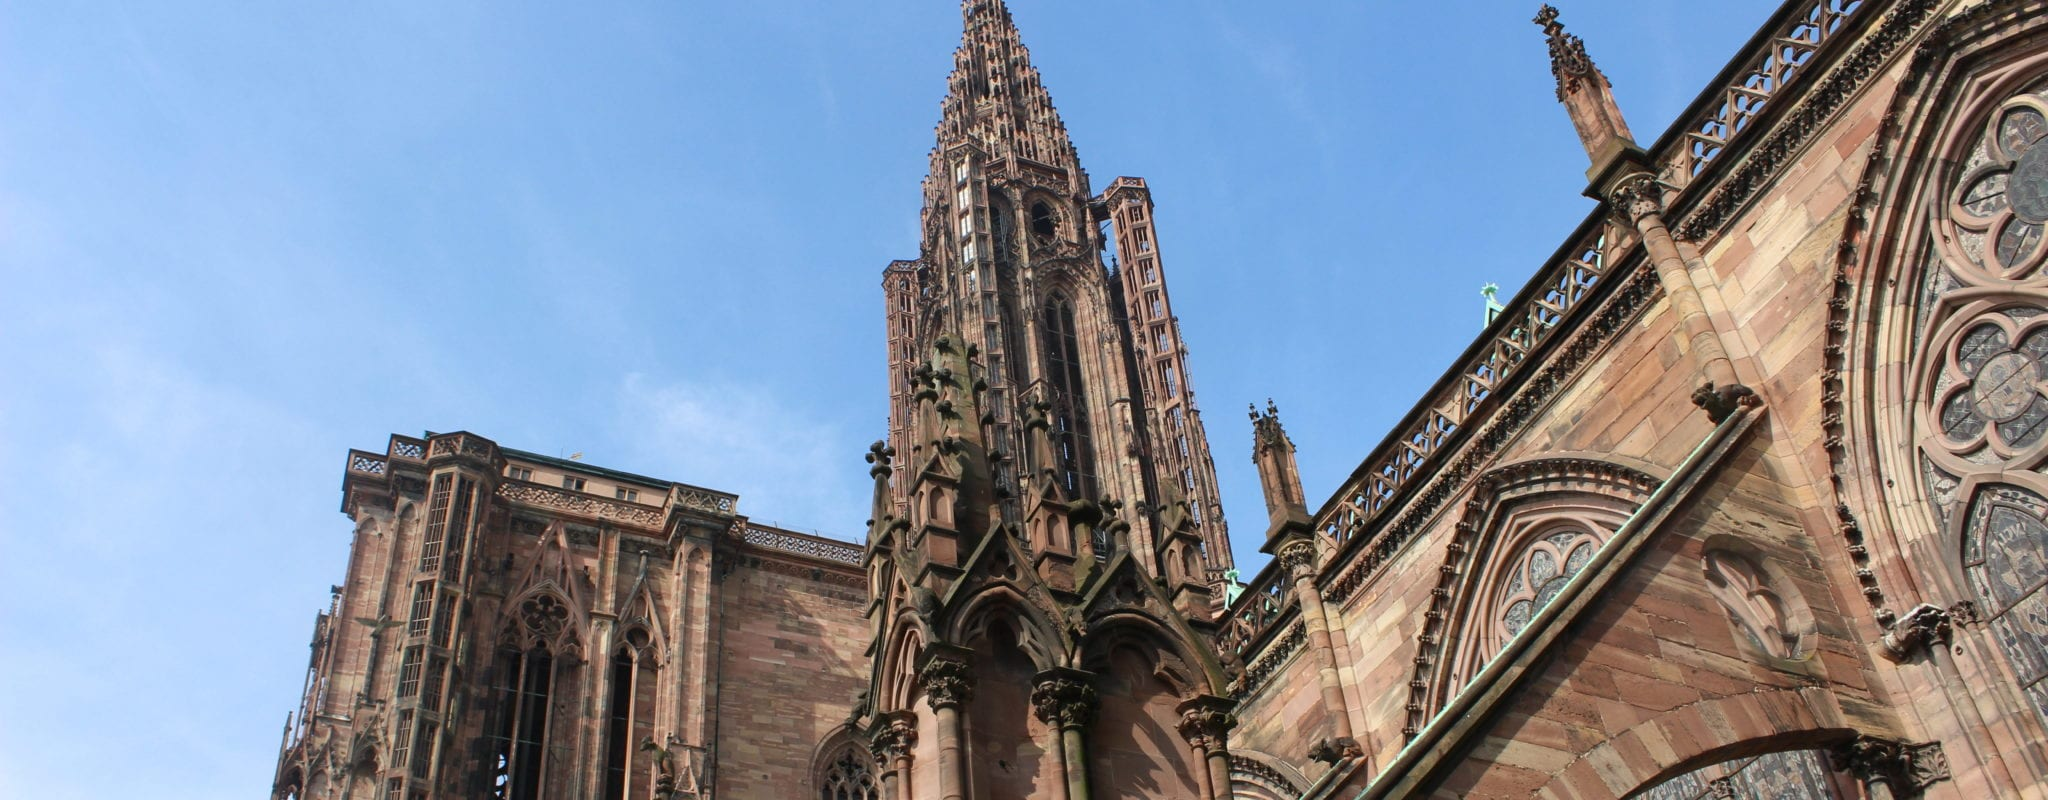 Mais pourquoi… la cathédrale de Strasbourg n'a qu'une seule tour?